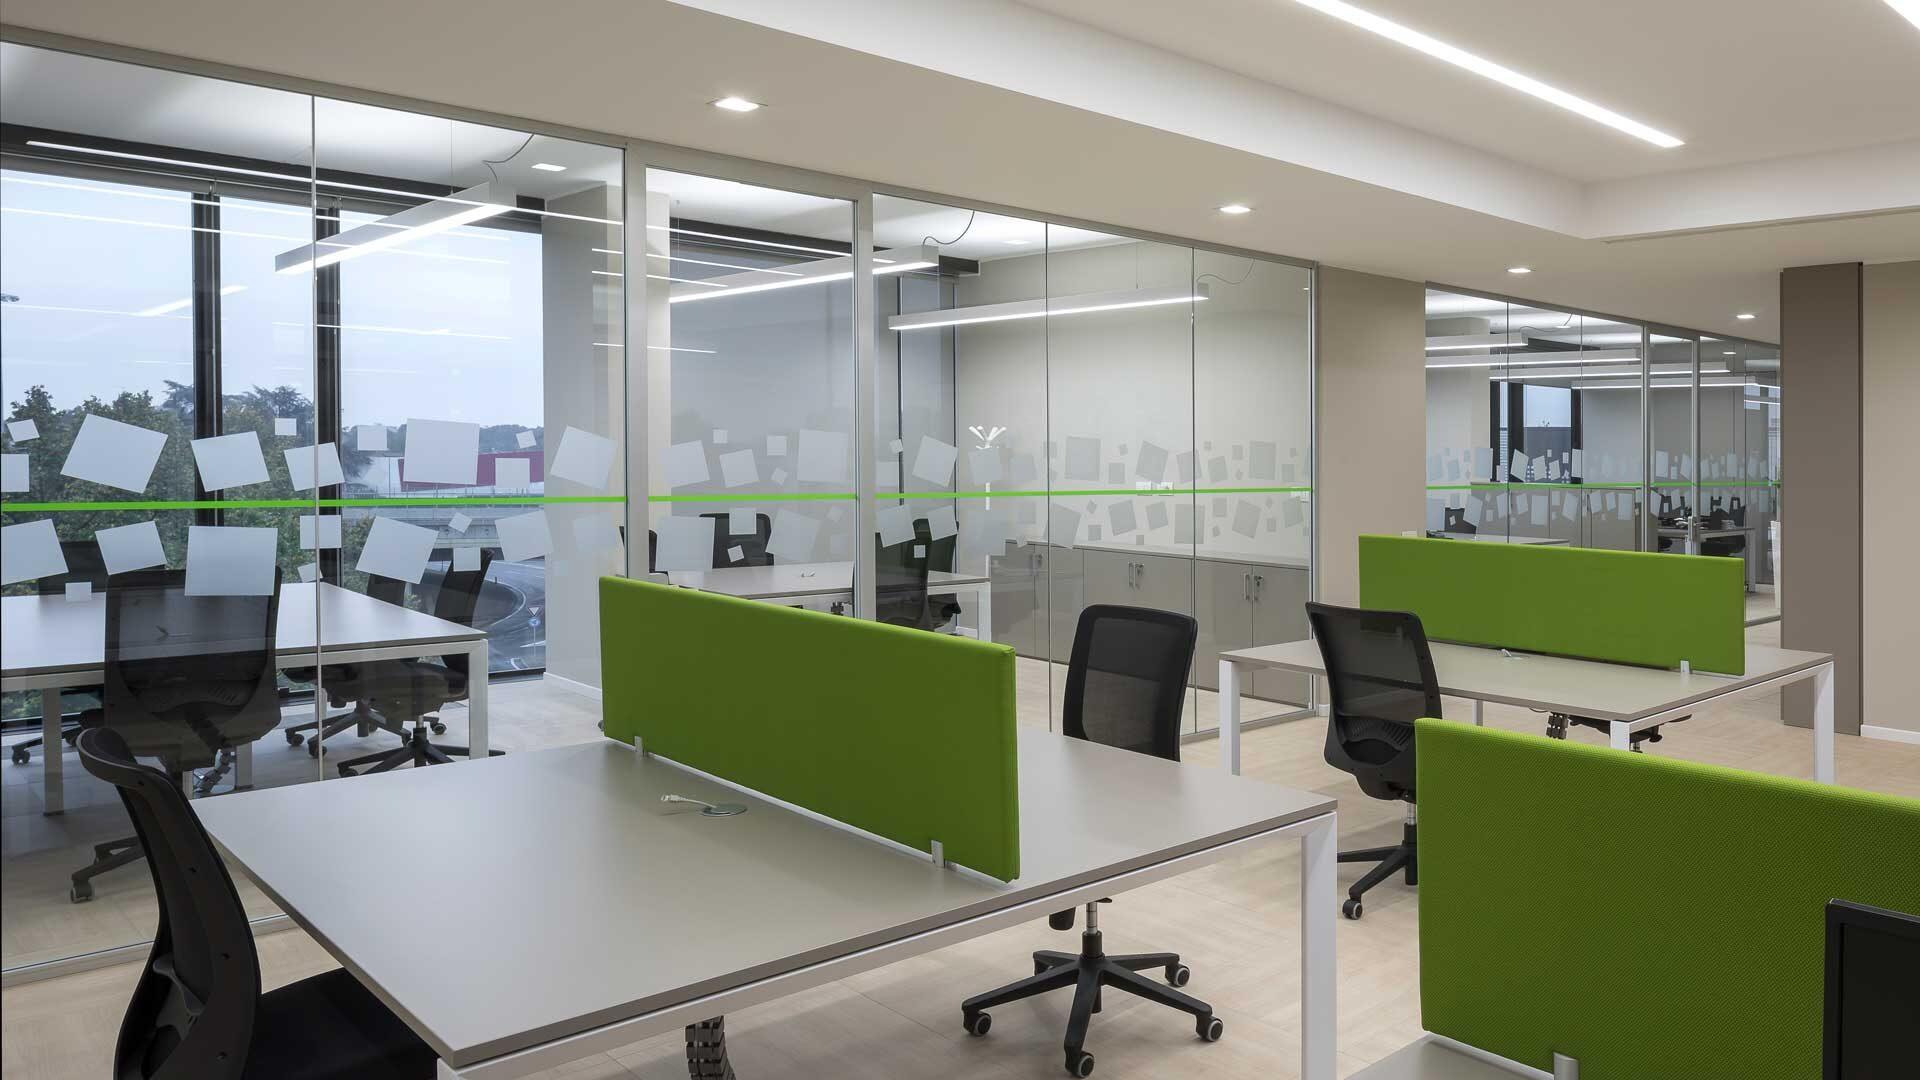 Pareti-divisorie-per-open-space-ufficio-Level-Office-Landscape